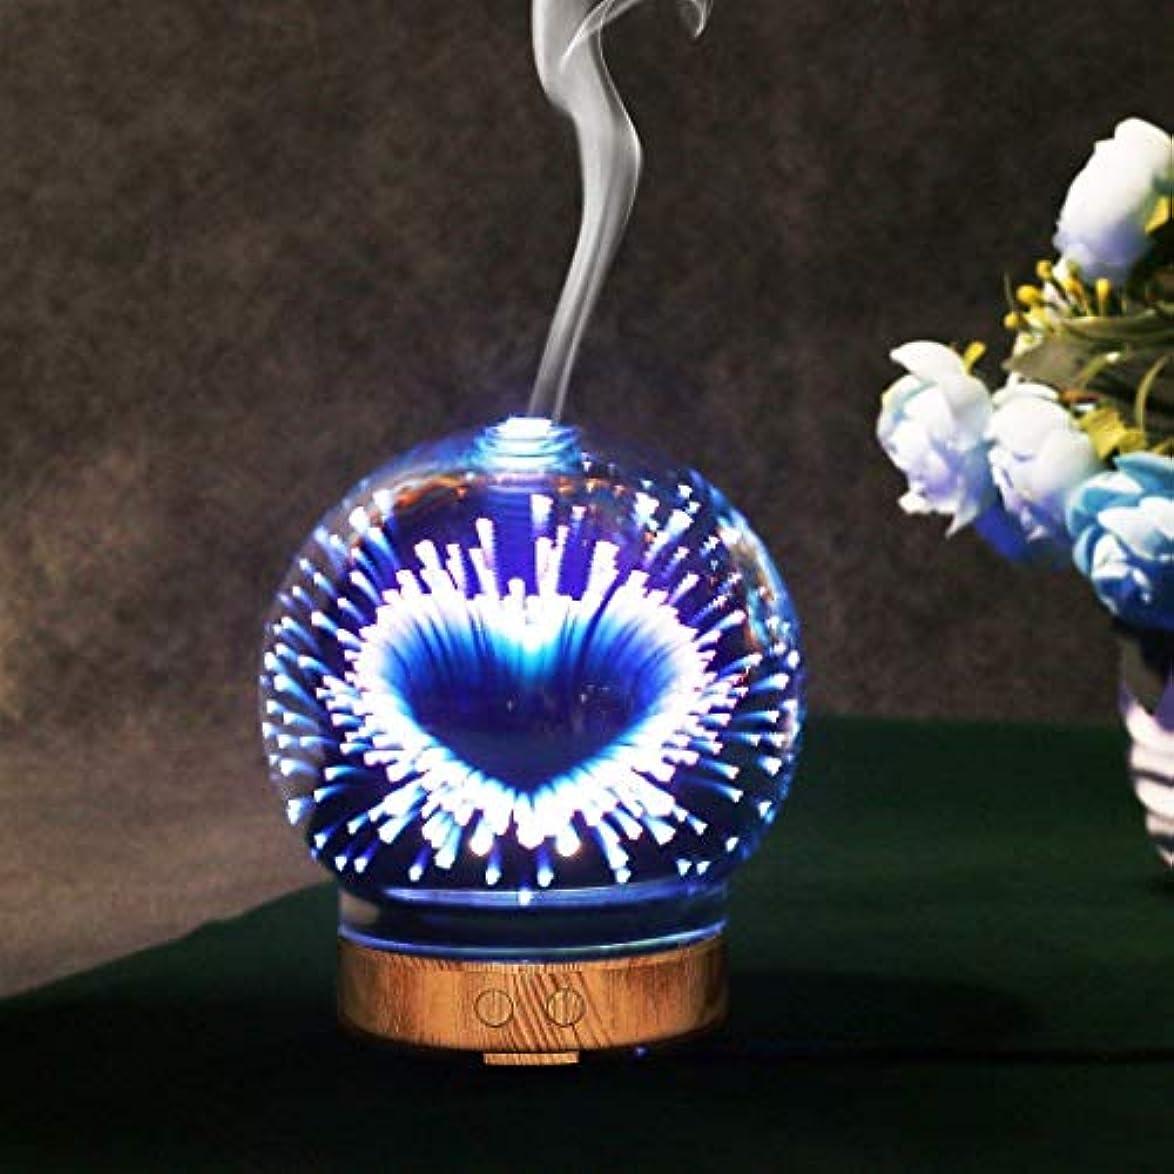 特許触手その他3Dガラス木目エッセンシャルオイルアロマディフューザー電子クールミスト加湿器可変色LEDナイトライトホームデコレーション